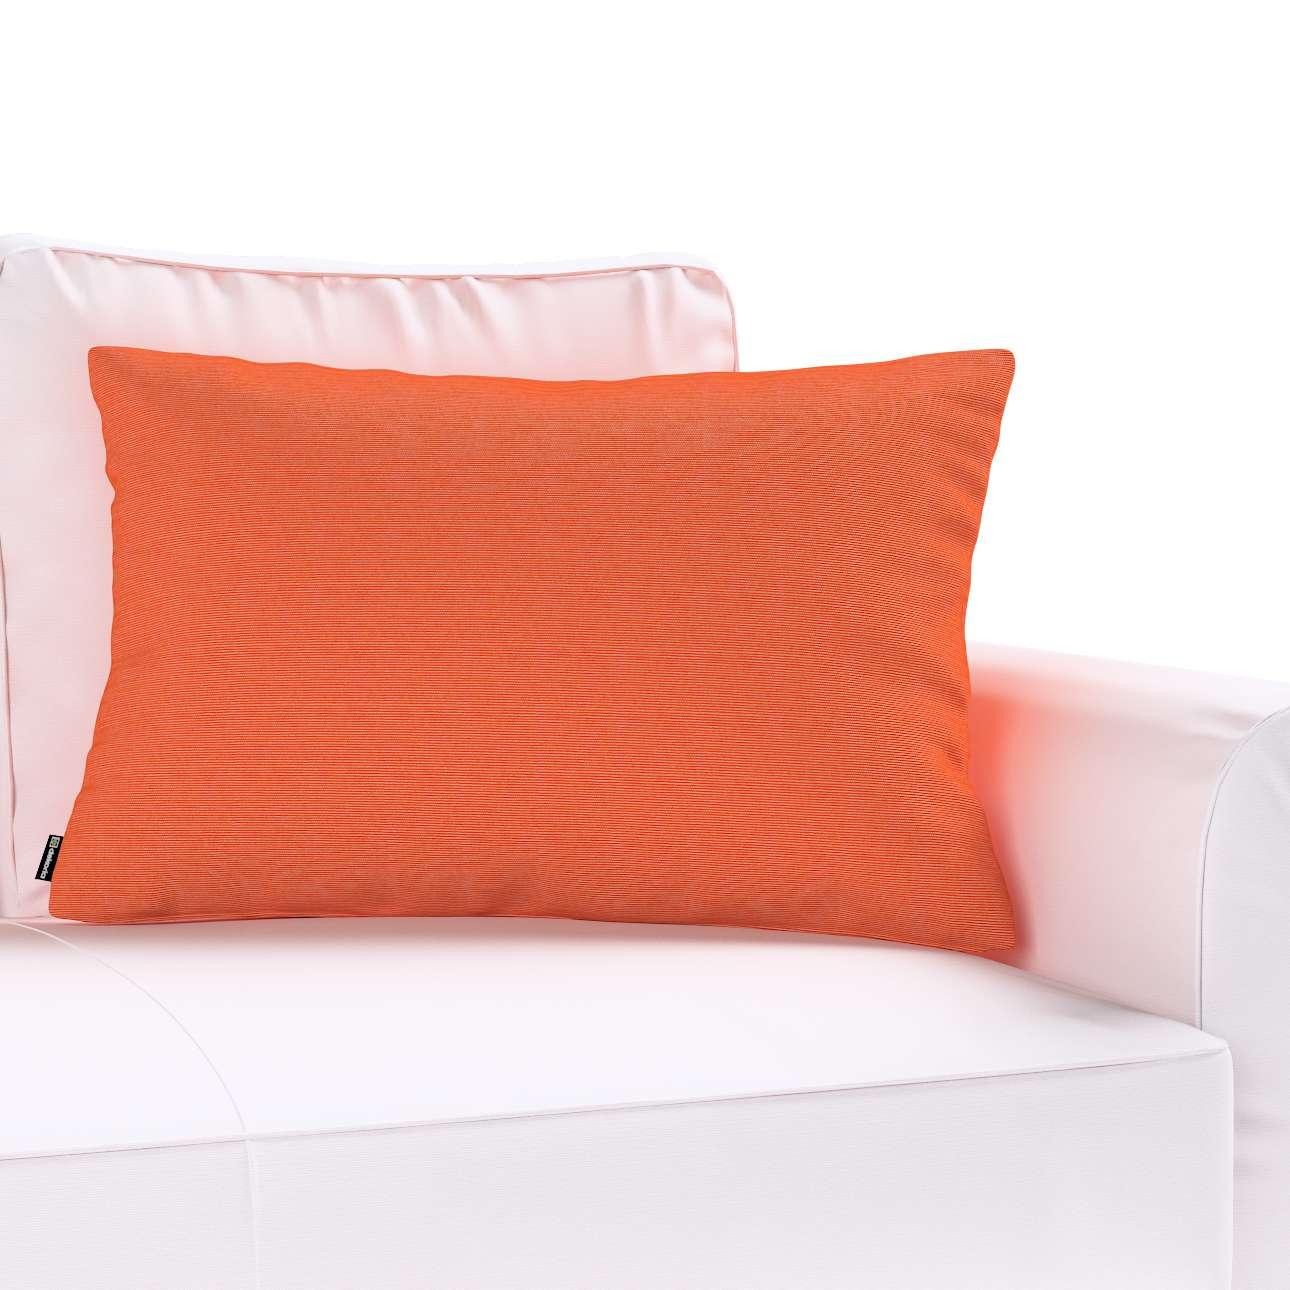 Poszewka Kinga na poduszkę prostokątną w kolekcji Jupiter, tkanina: 127-35